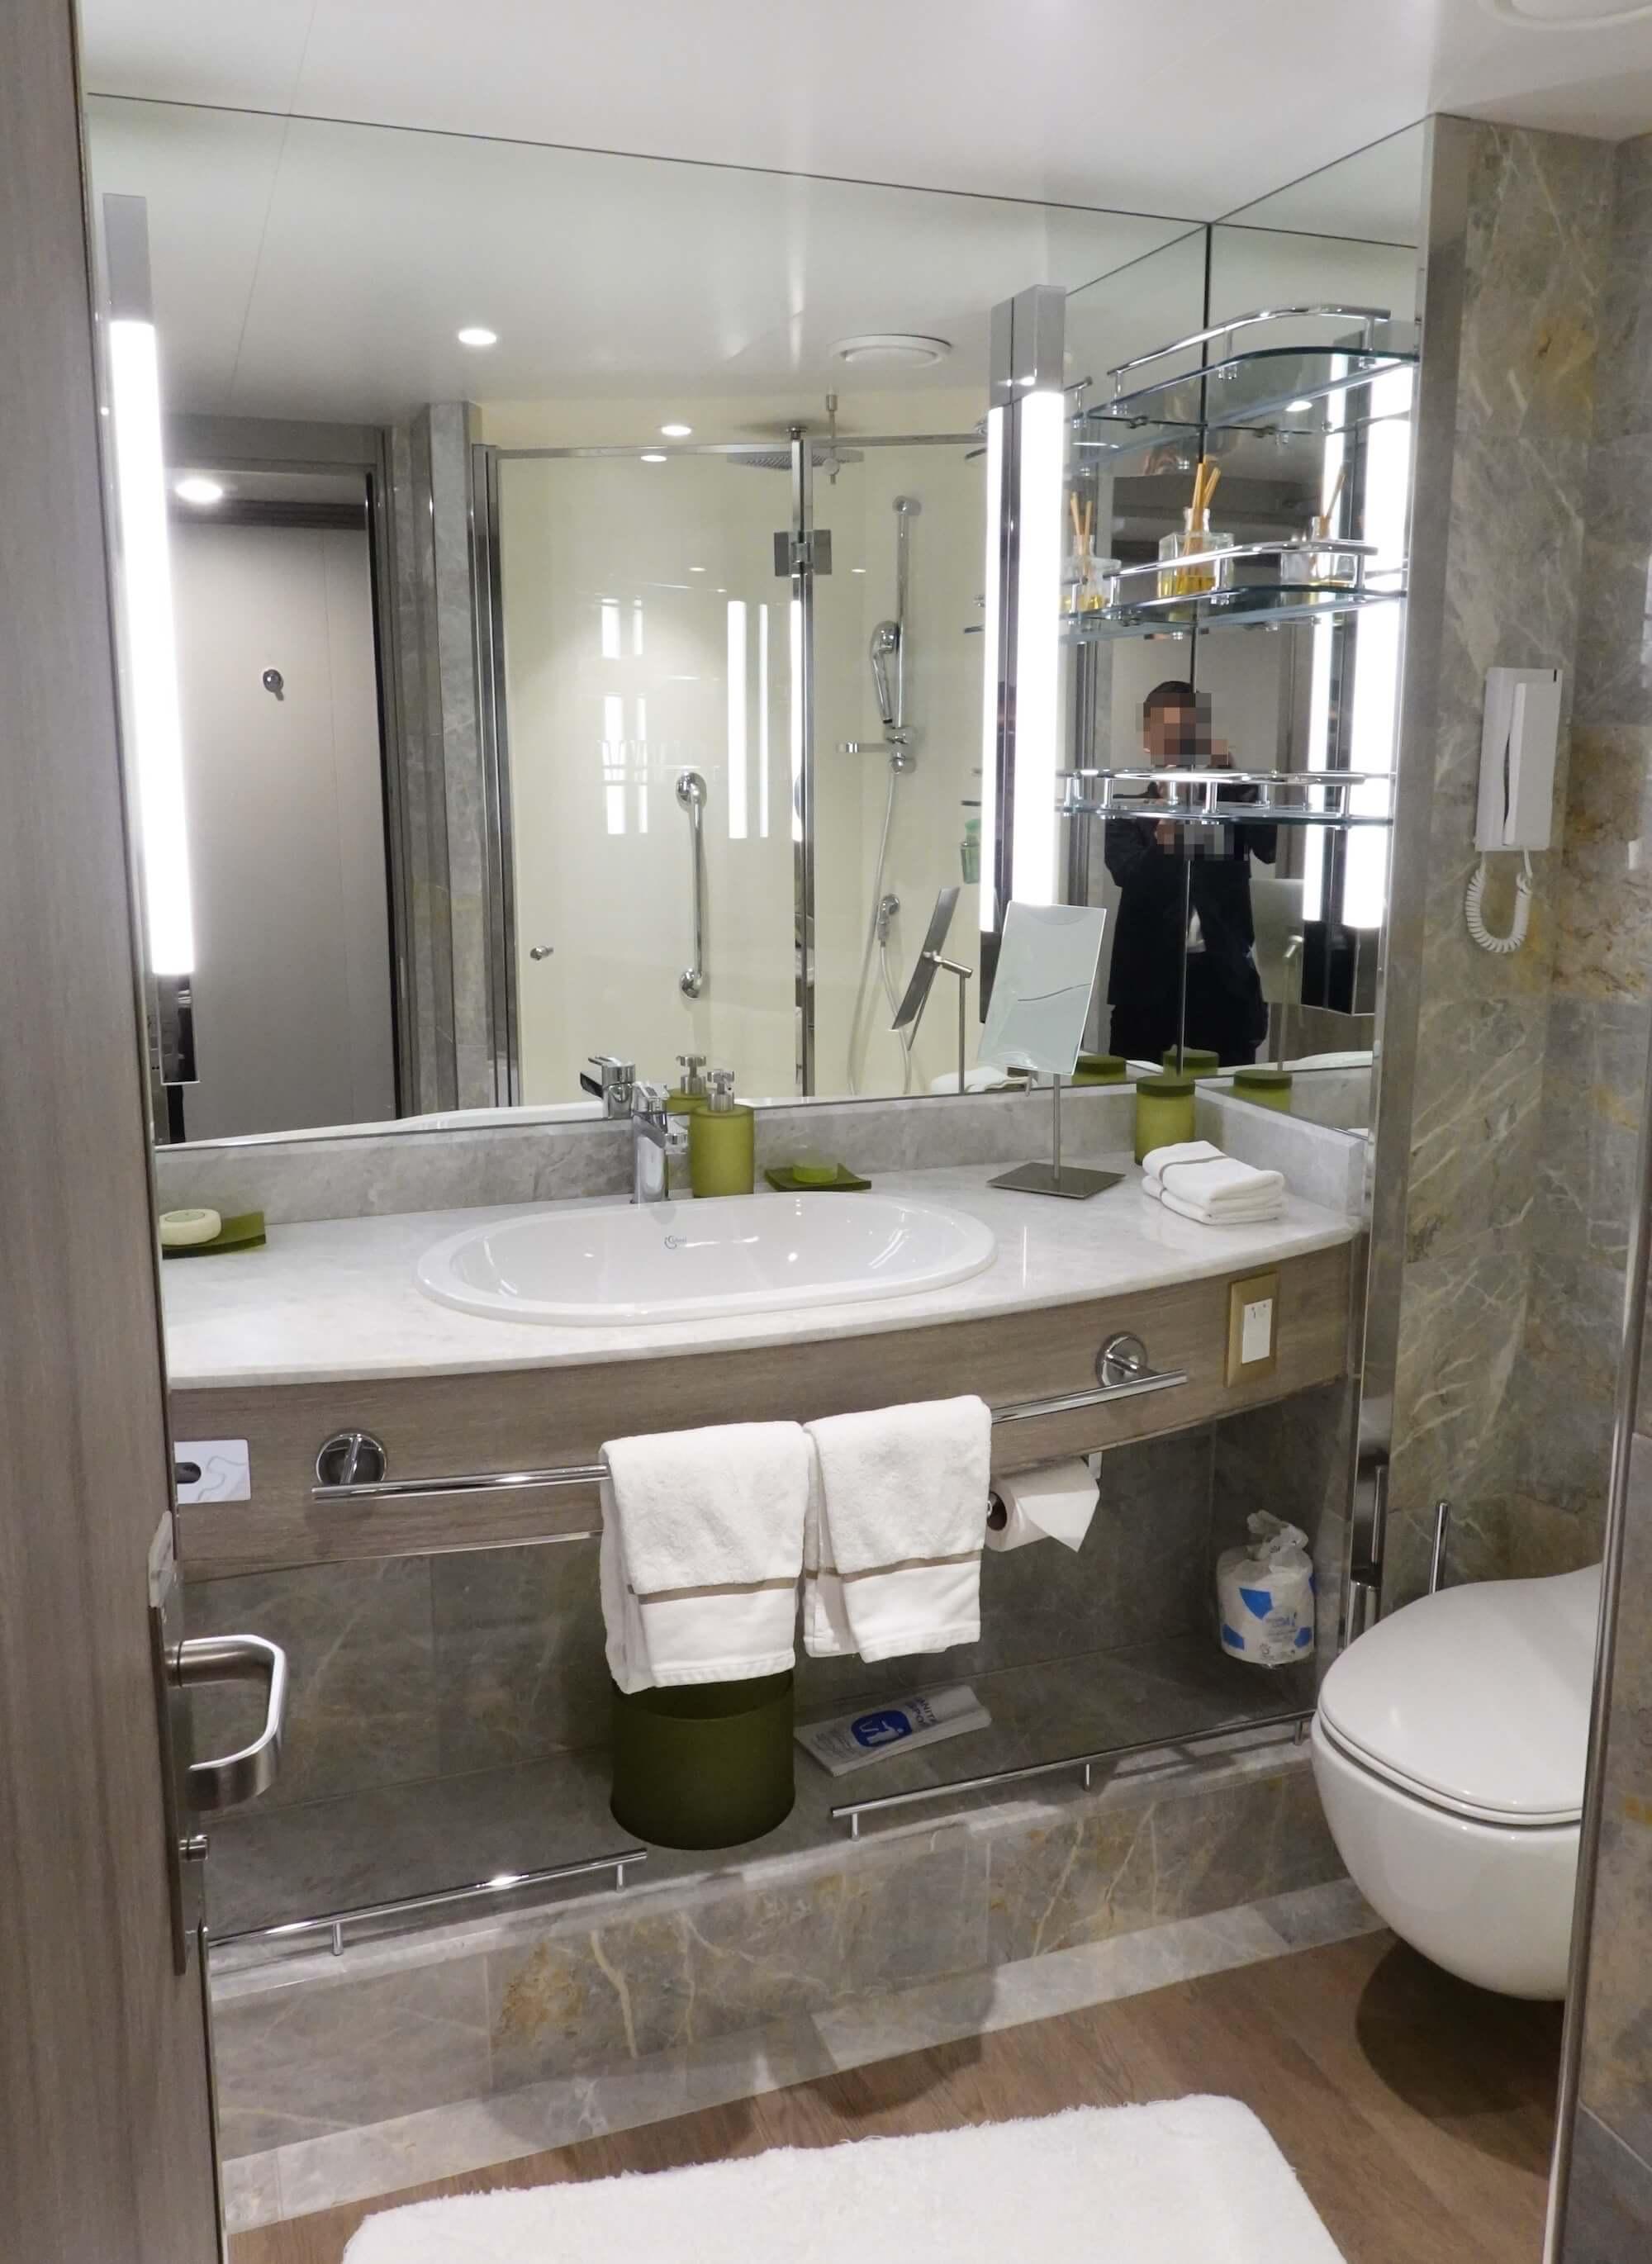 シルバーミューズ スーペリア ベランダ スイート シャワールーム01